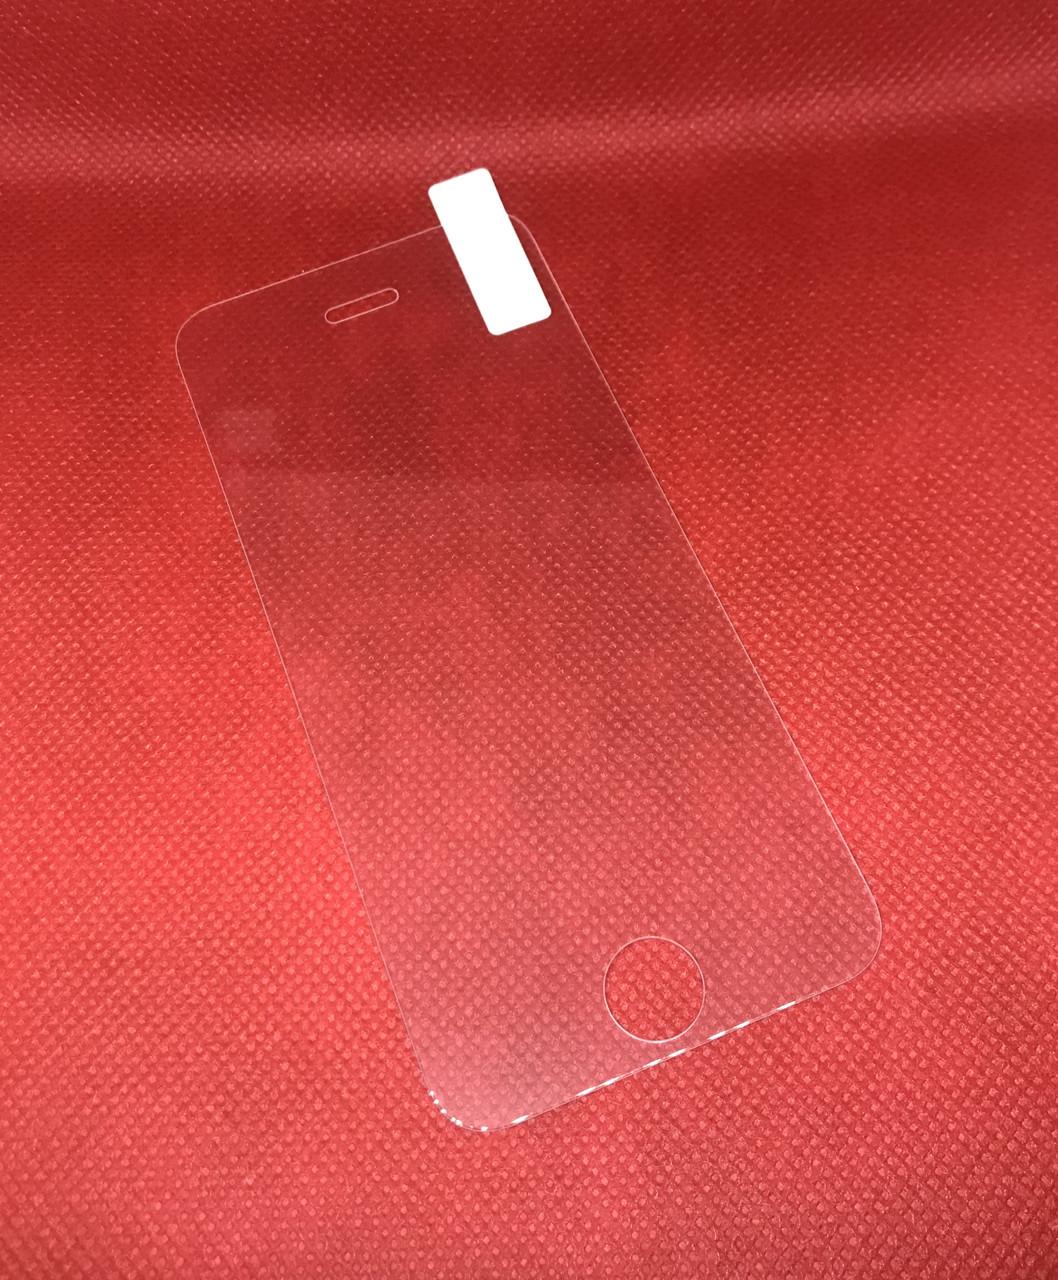 Защитное стекло Apple Iphone 5 5S SE Full Glue 2,5D 3D полное покрытие полный клей прозрачное